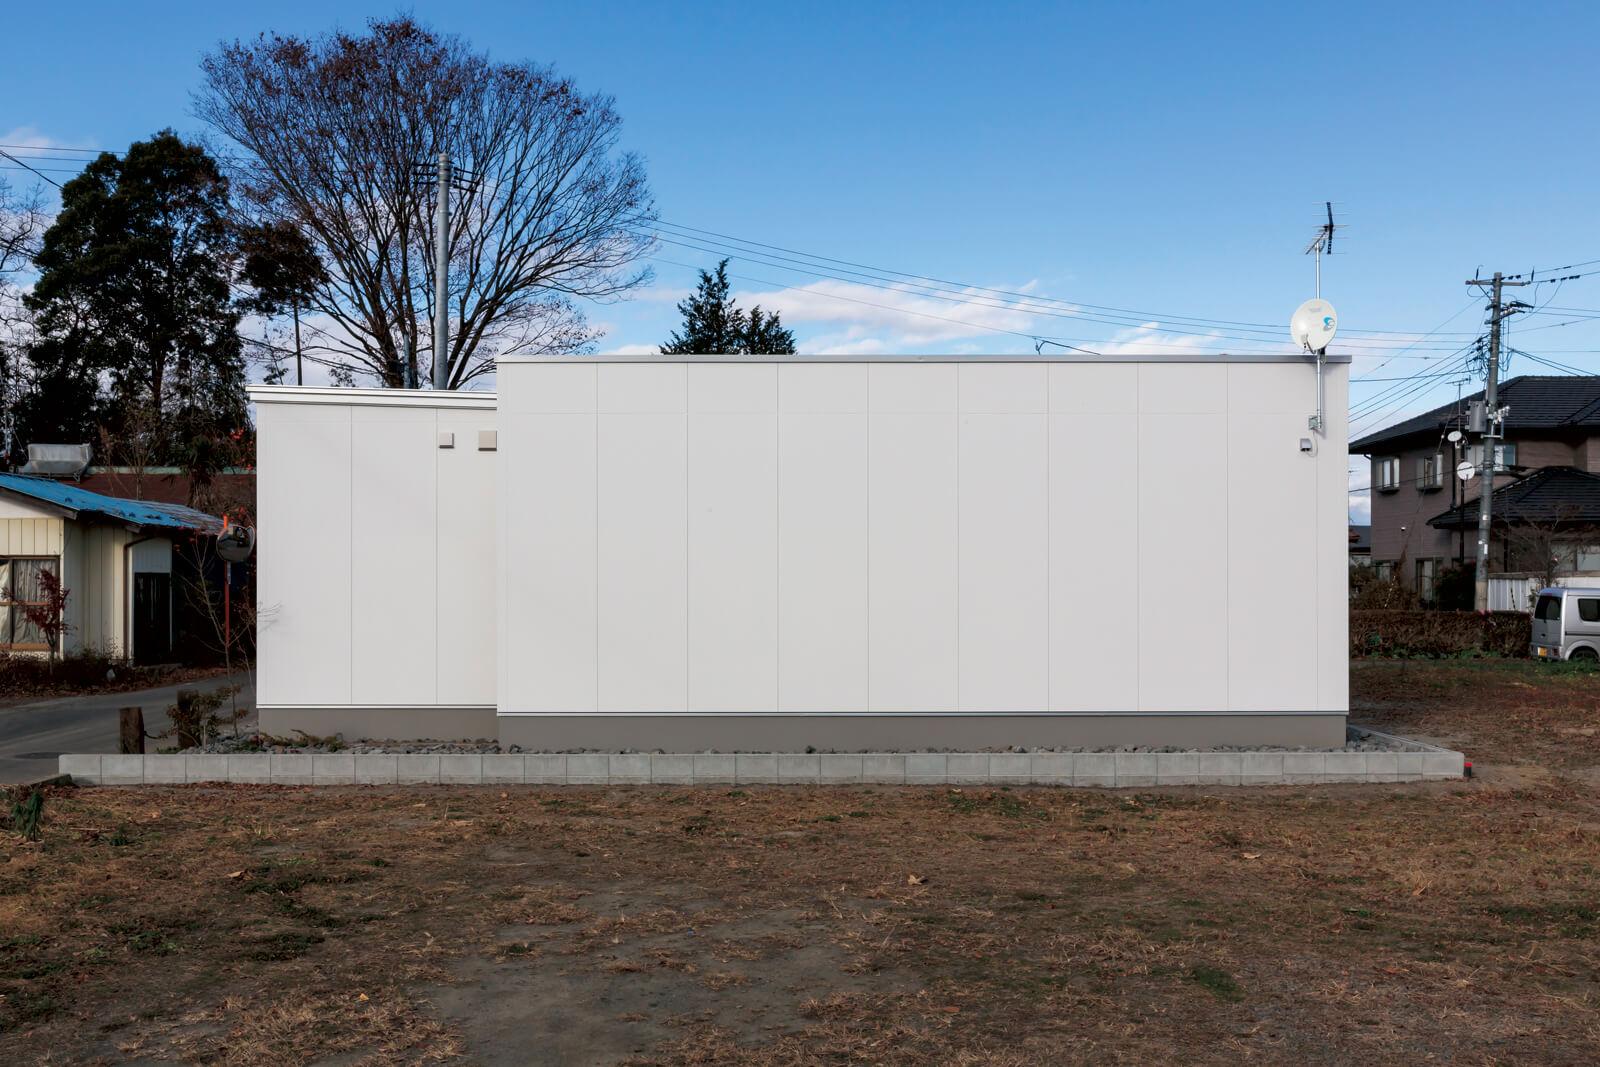 外壁は防火サイディングに白の塗装を施し、シンプルモダンに。夏は植栽が白い壁のアクセントとなる